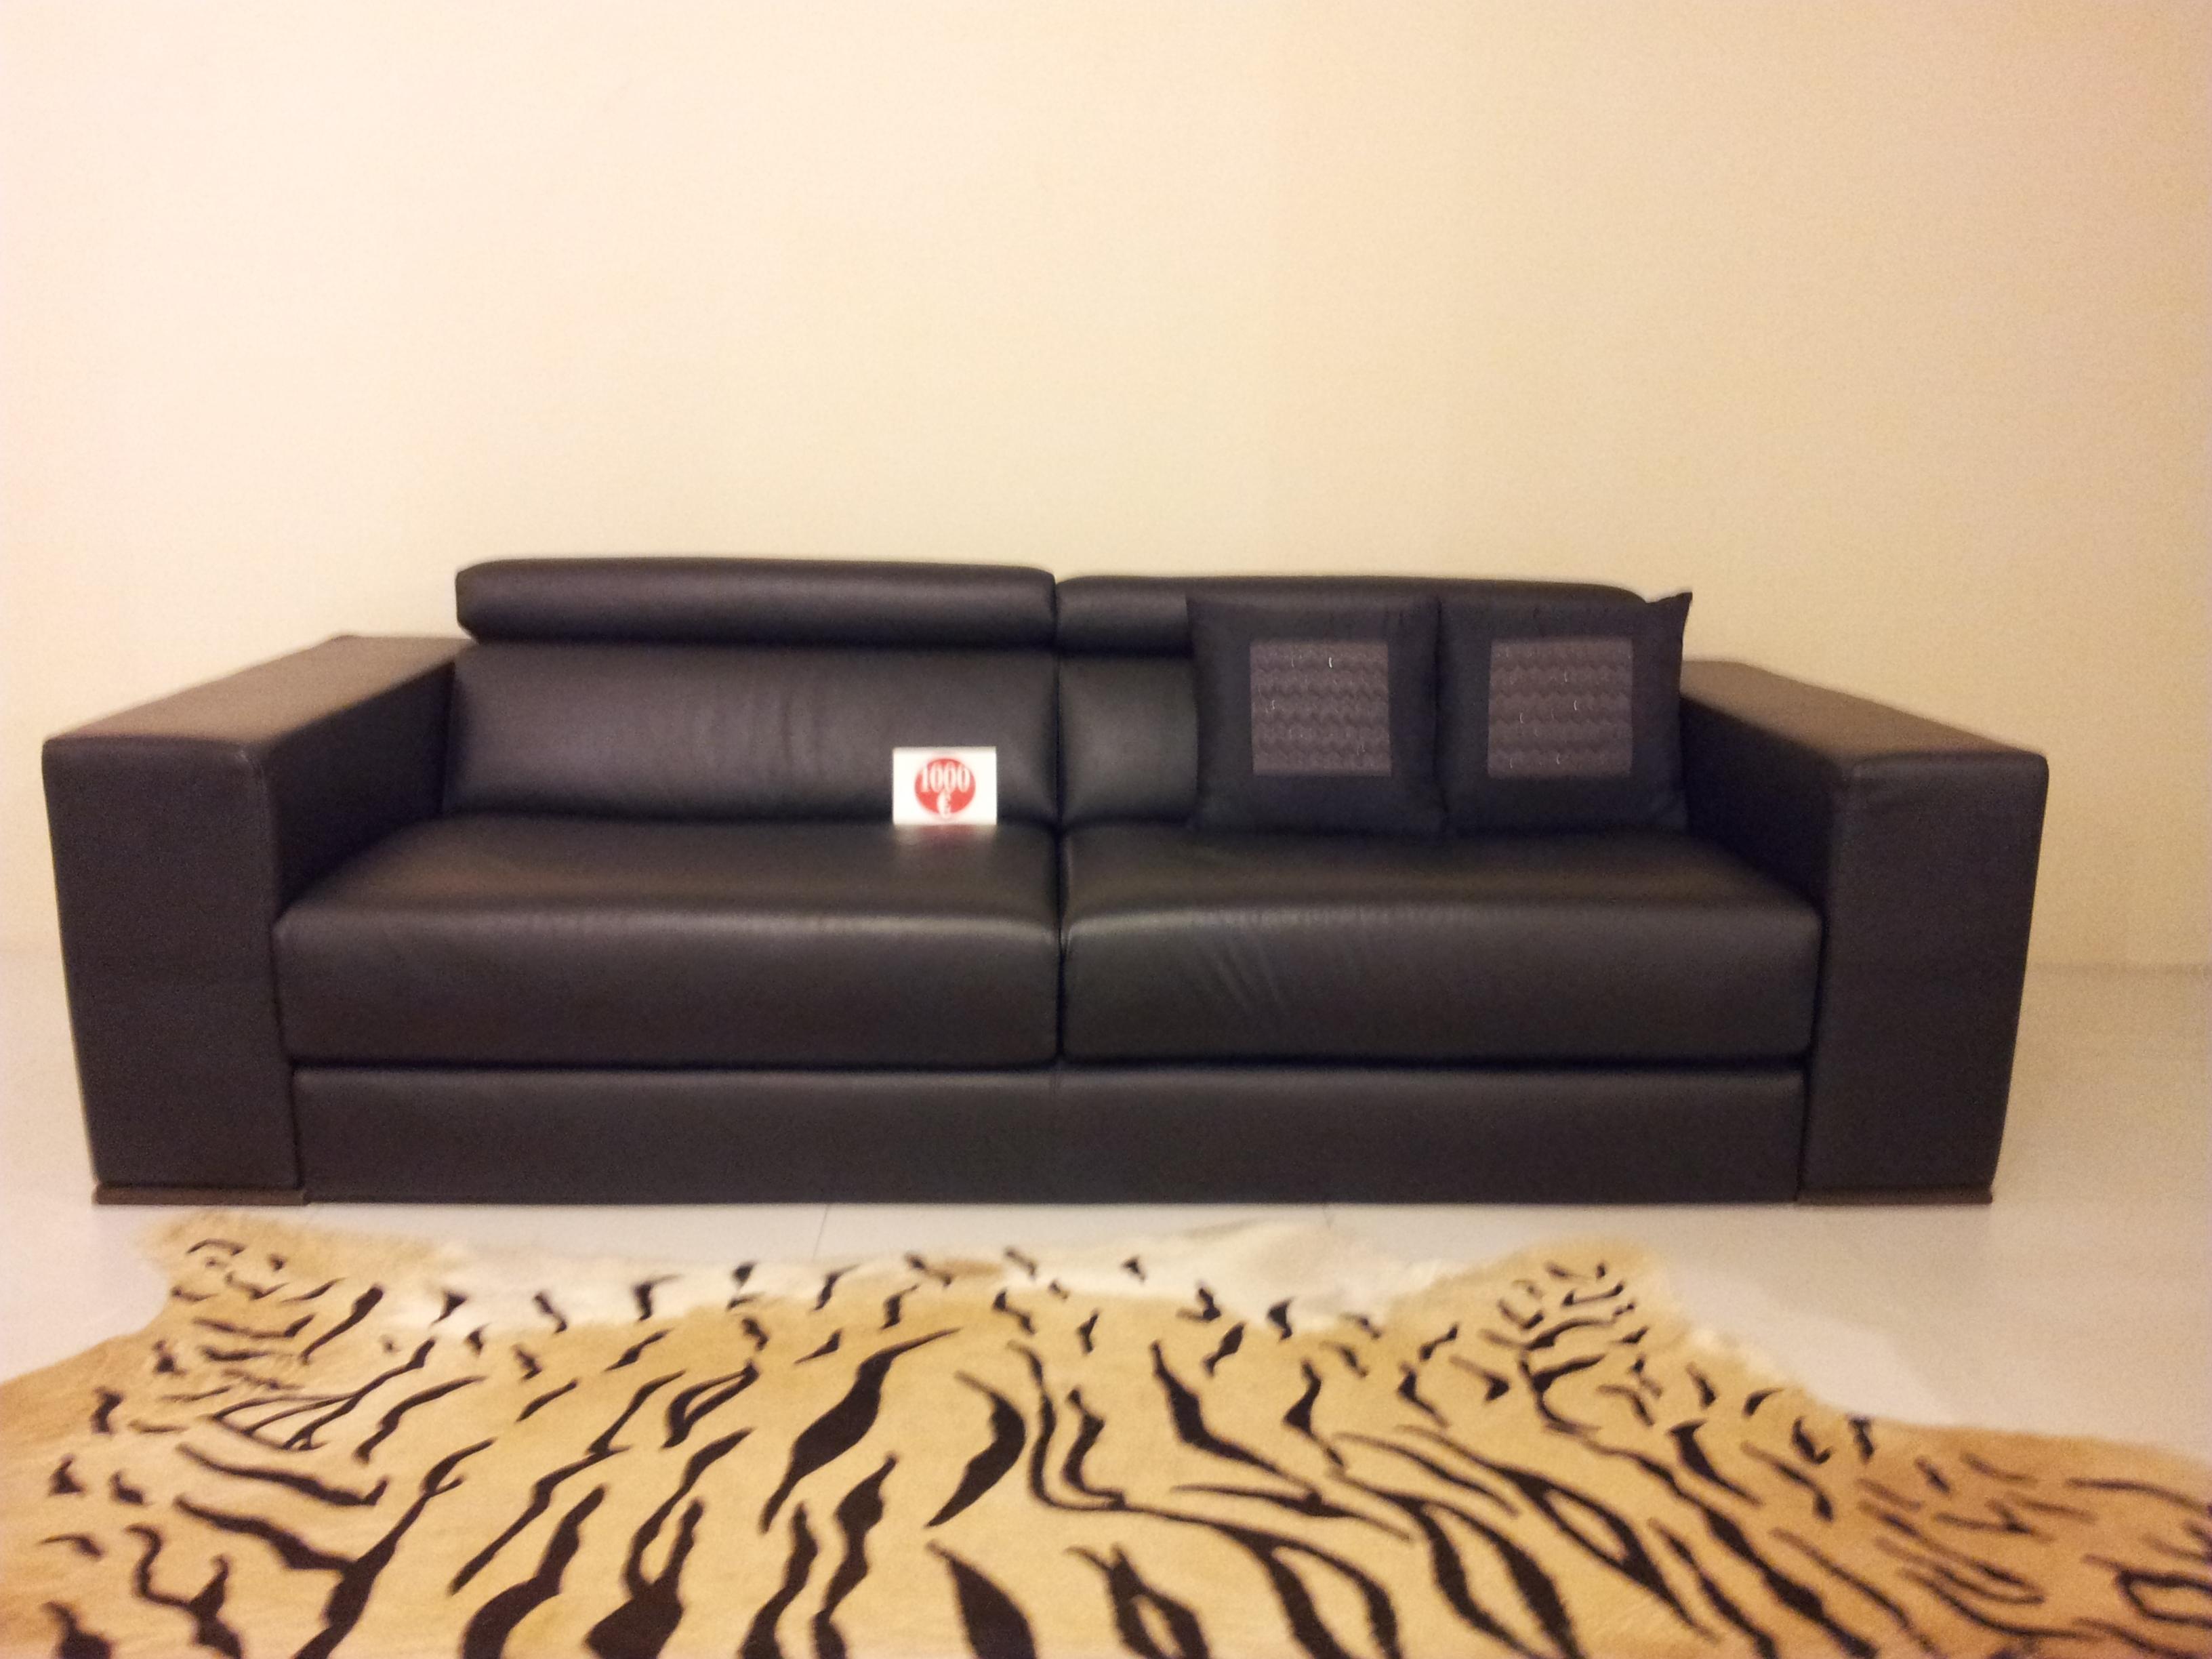 divano occasione - divani a prezzi scontati - Divano In Pelle Nera Letto